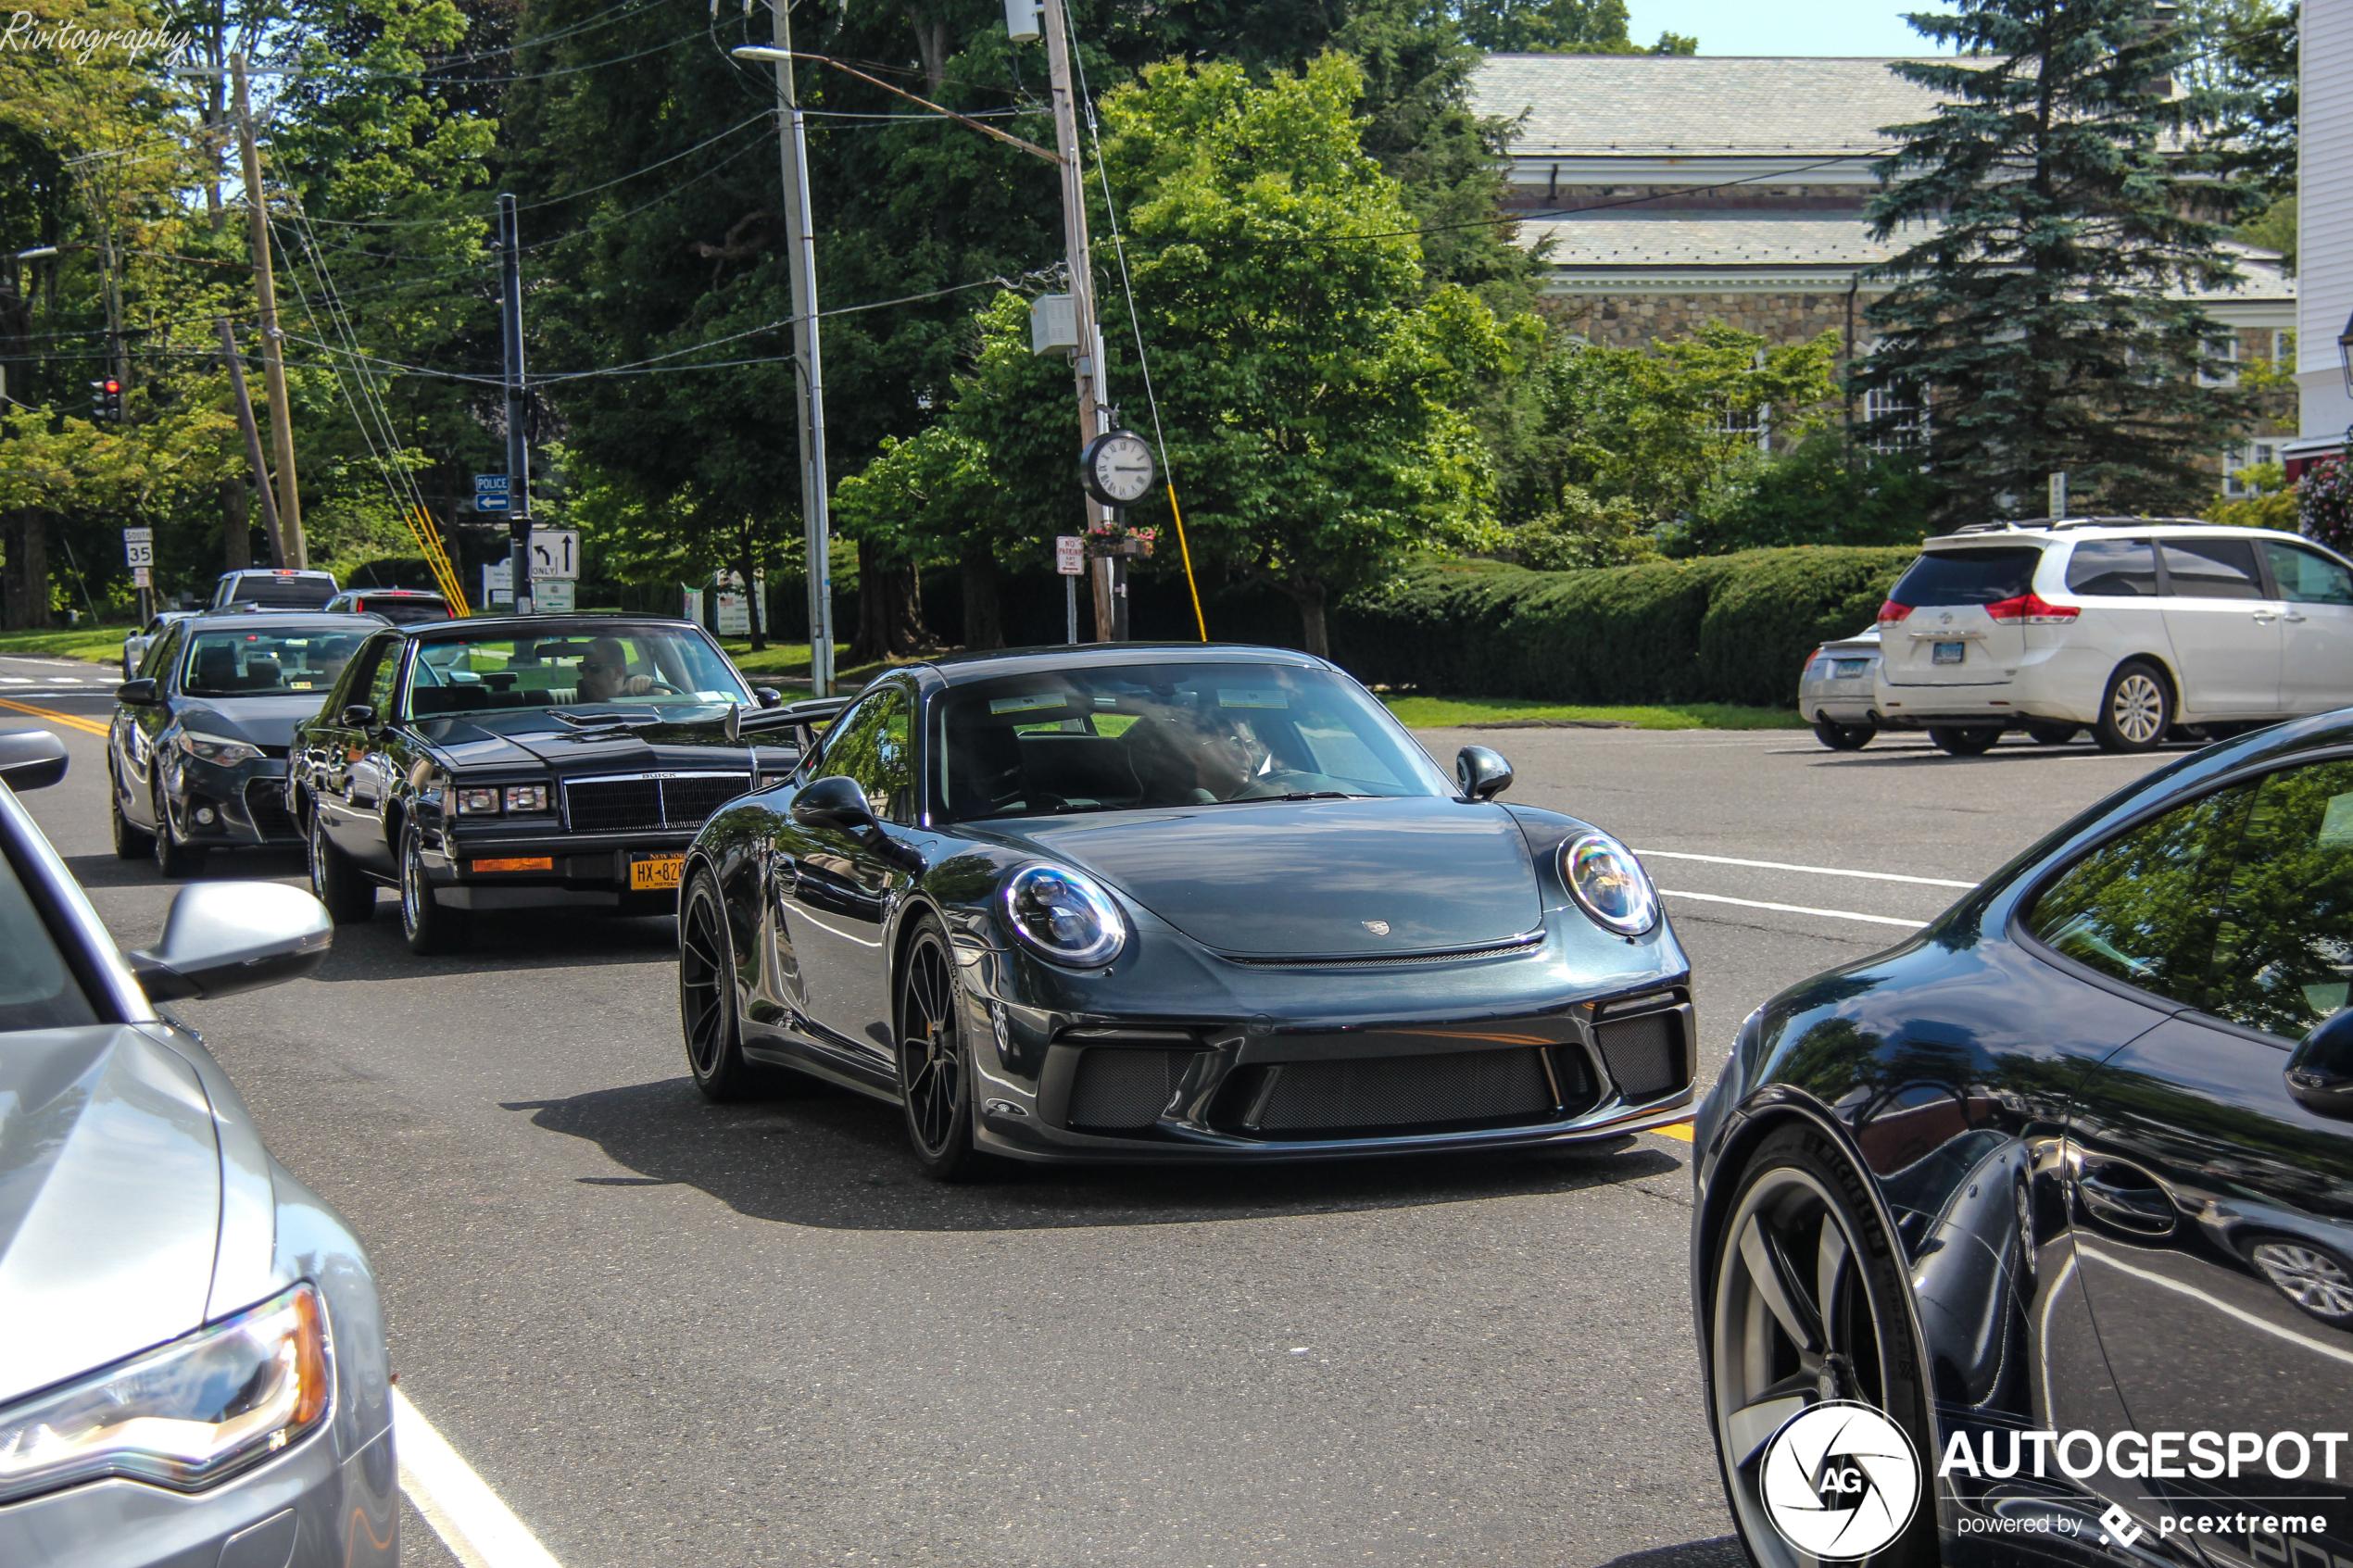 Fraai Porsche duo gespot in Ridgefield (CT)